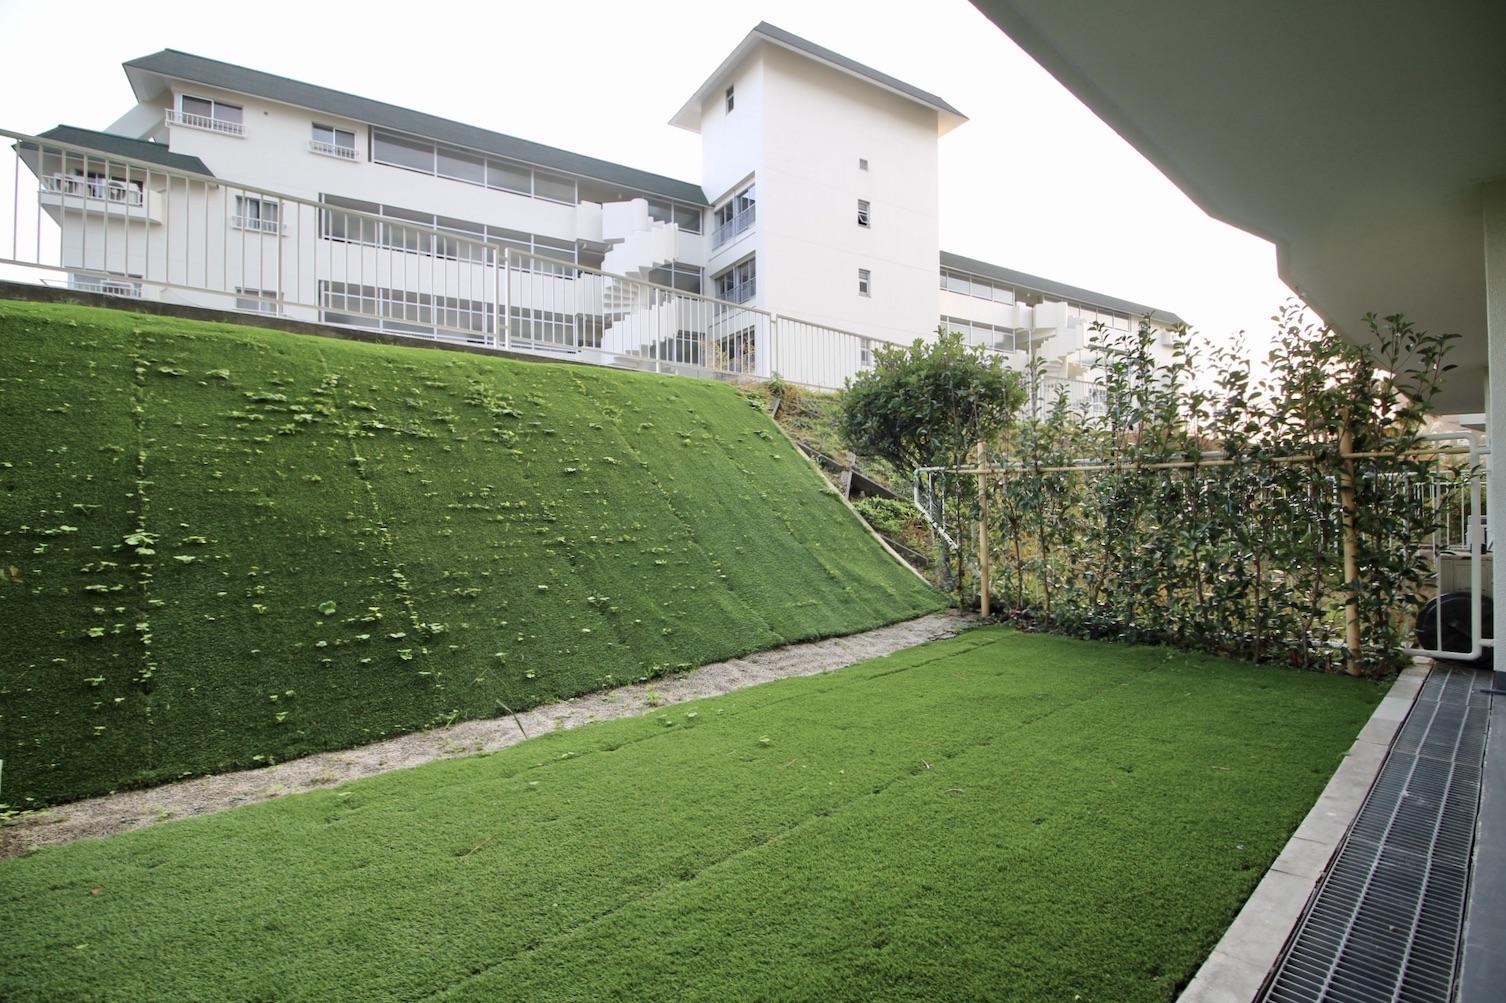 広い庭はデッキテラスを置いたり、植物を育てたり家庭菜園もいいかも